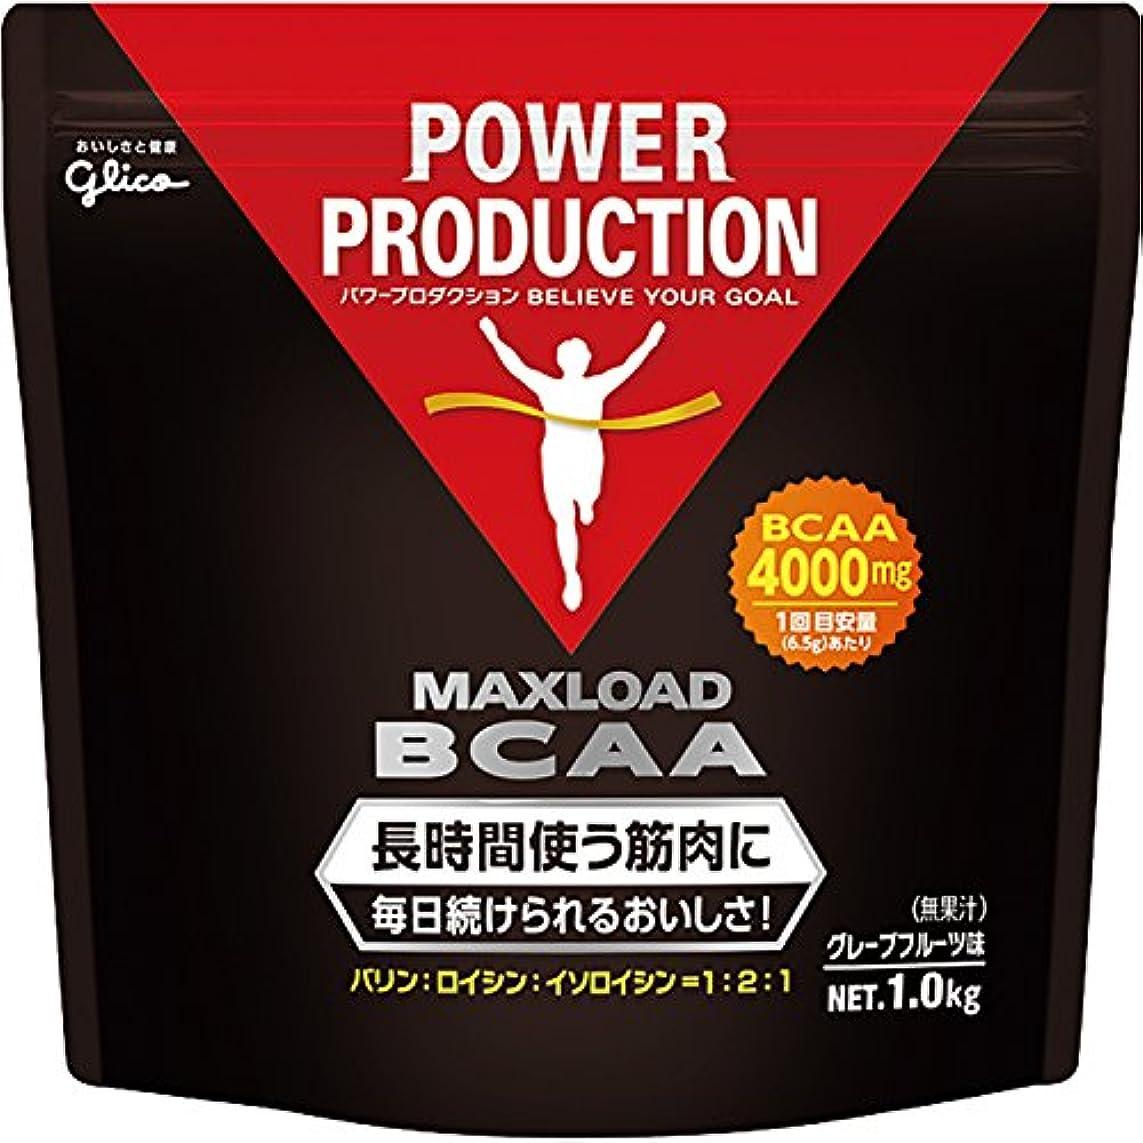 現在連合細胞グリコ パワープロダクション マックスロード BCAA4000mg アミノ酸 グレープフルーツ風味 1kg【使用目安 約153回分】